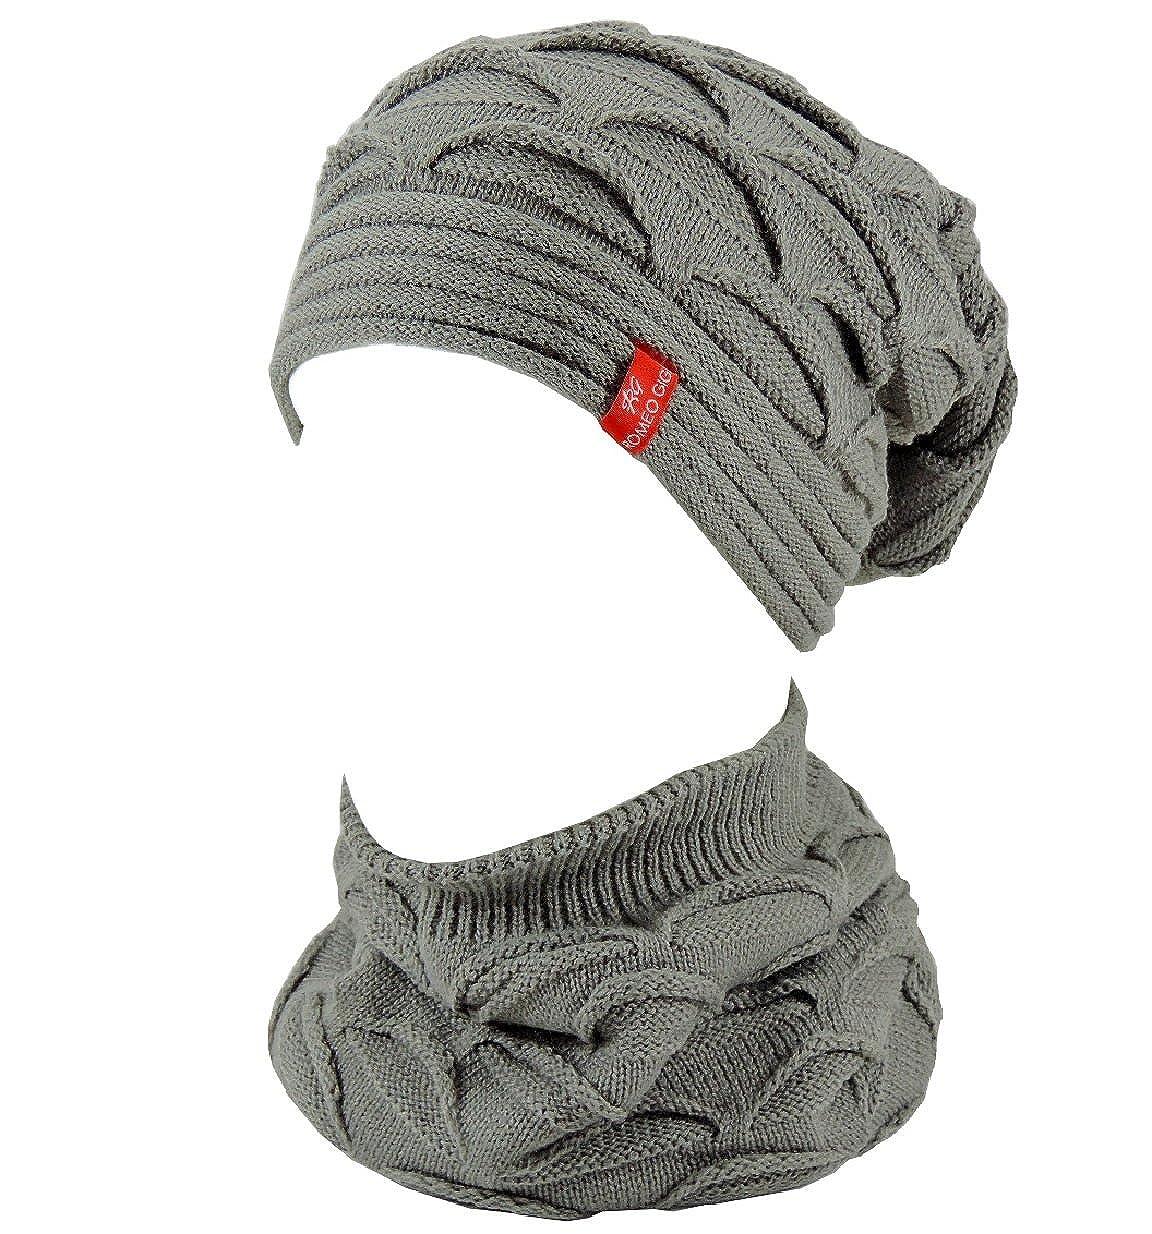 Swe Cappello Scaldacollo invernale uomo donna ROMEO GIGLI - Completo 2 pezzi inverno